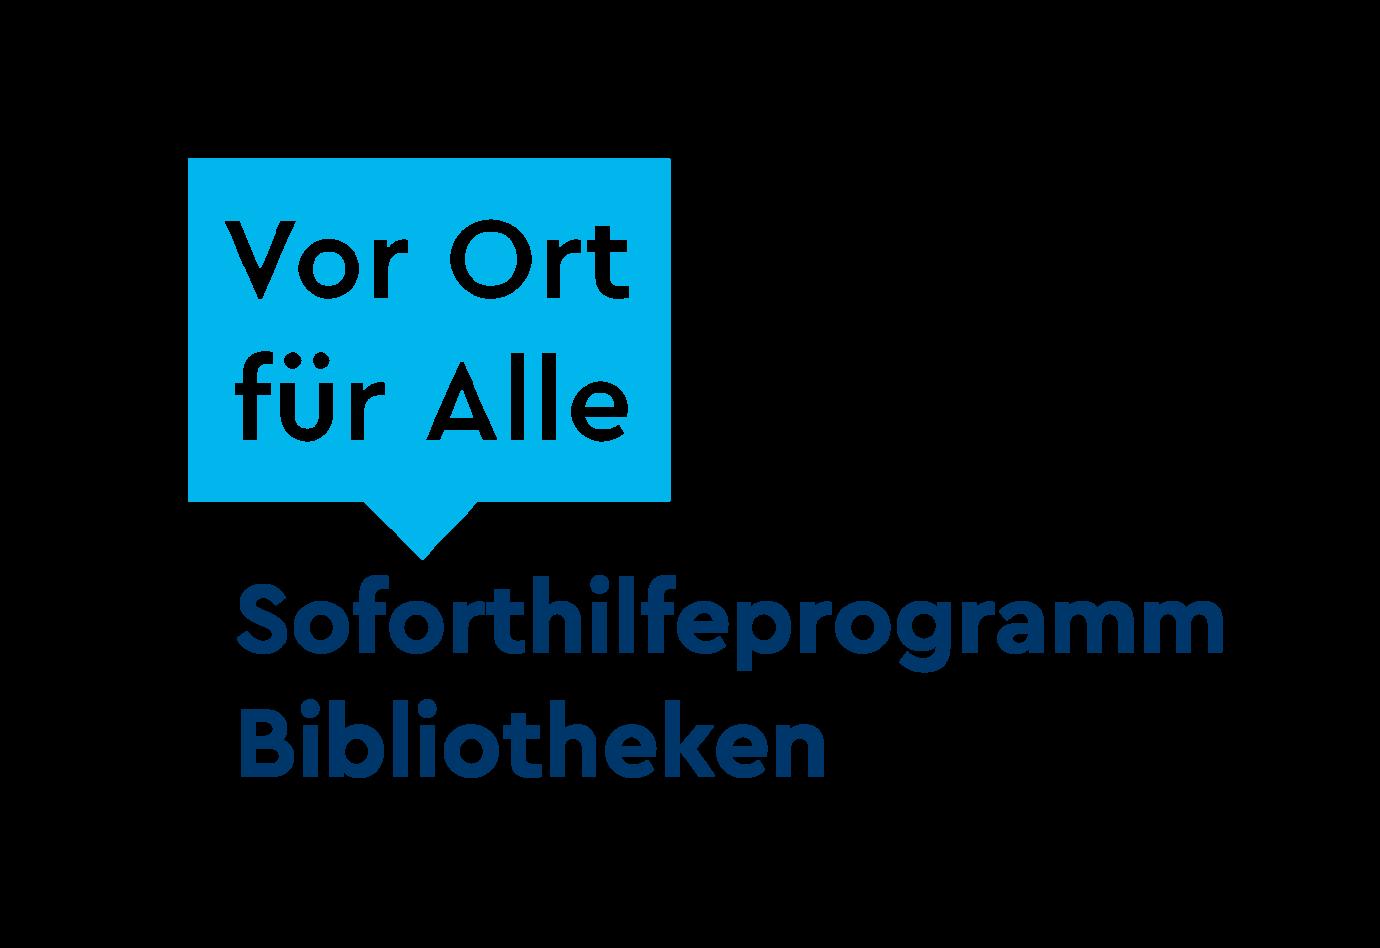 Logo des Förderprogramms Vor Ort für Alle